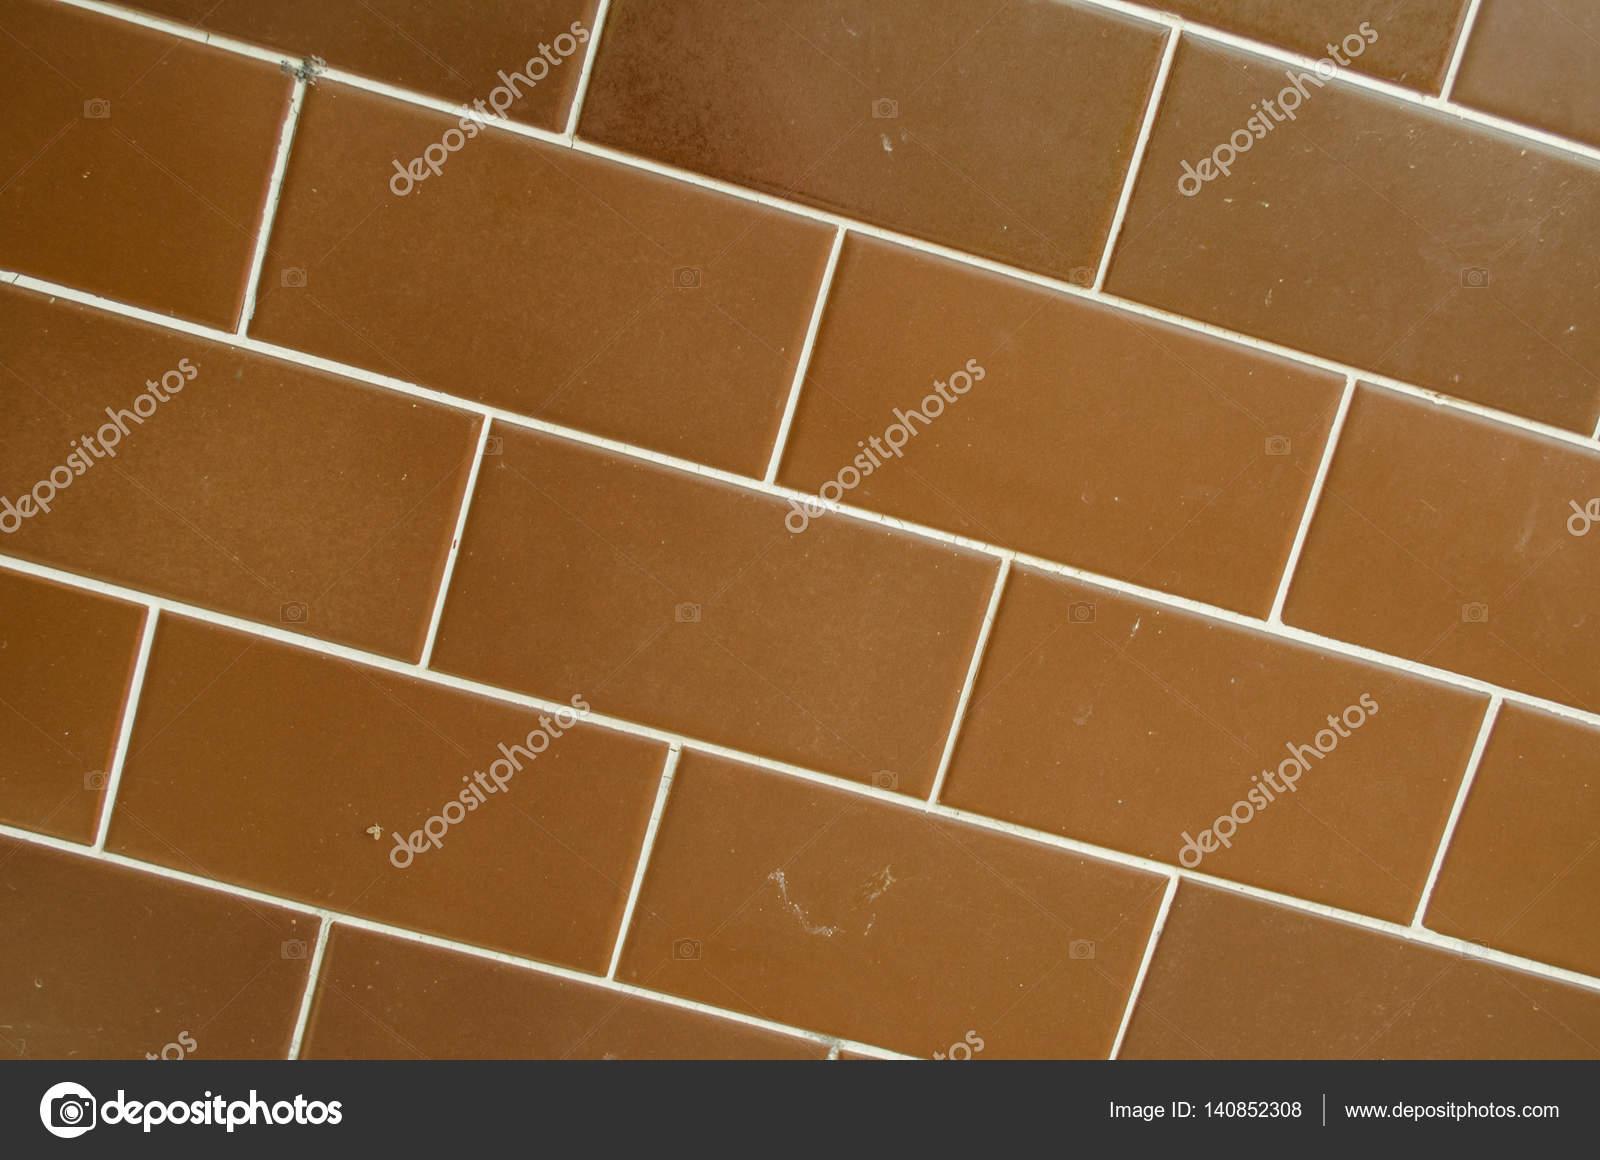 Texture piastrelle materiali naturali design per interni ed exterio foto stock svfoto - Piastrelle per interni ...